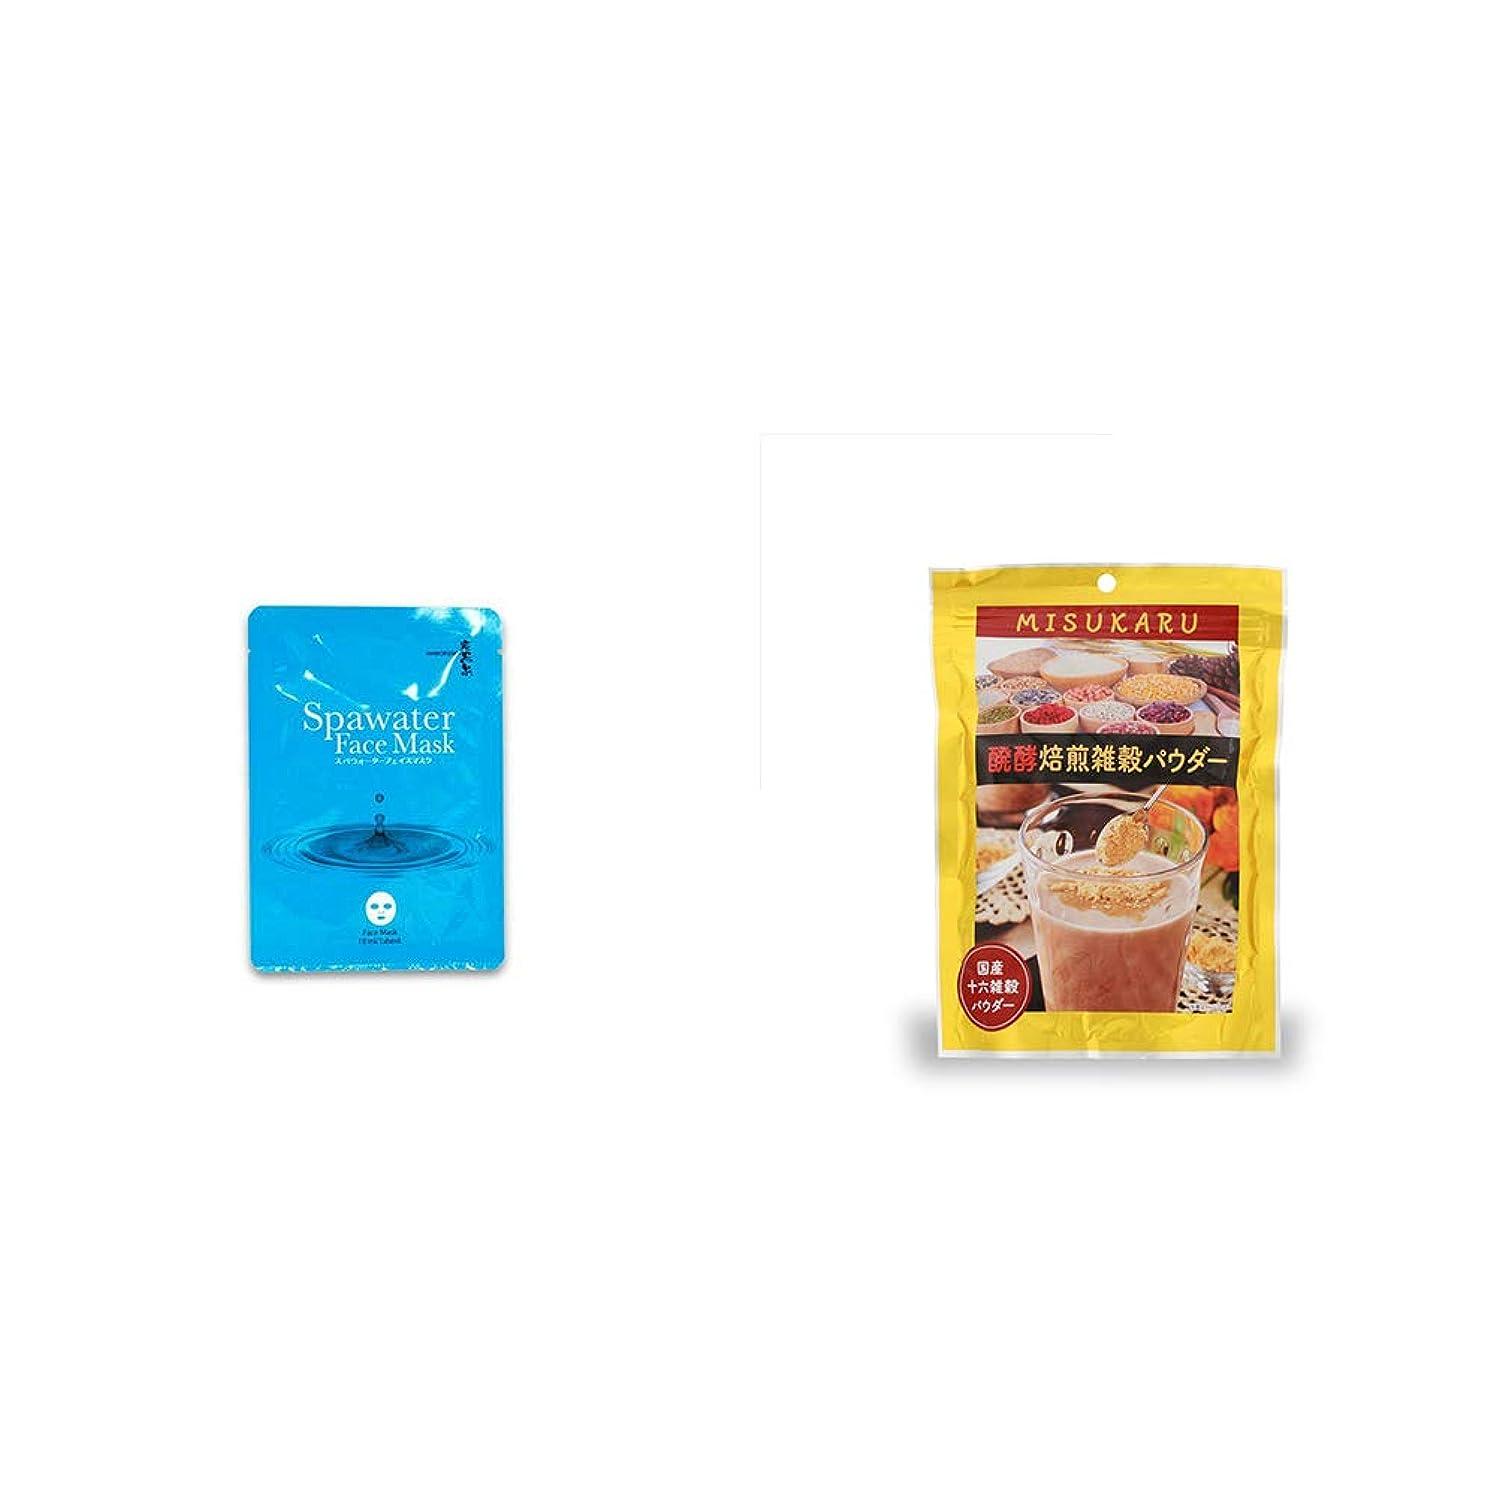 付添人ラオス人顕微鏡[2点セット] ひのき炭黒泉 スパウォーターフェイスマスク(18ml×3枚入)?醗酵焙煎雑穀パウダー MISUKARU(ミスカル)(200g)